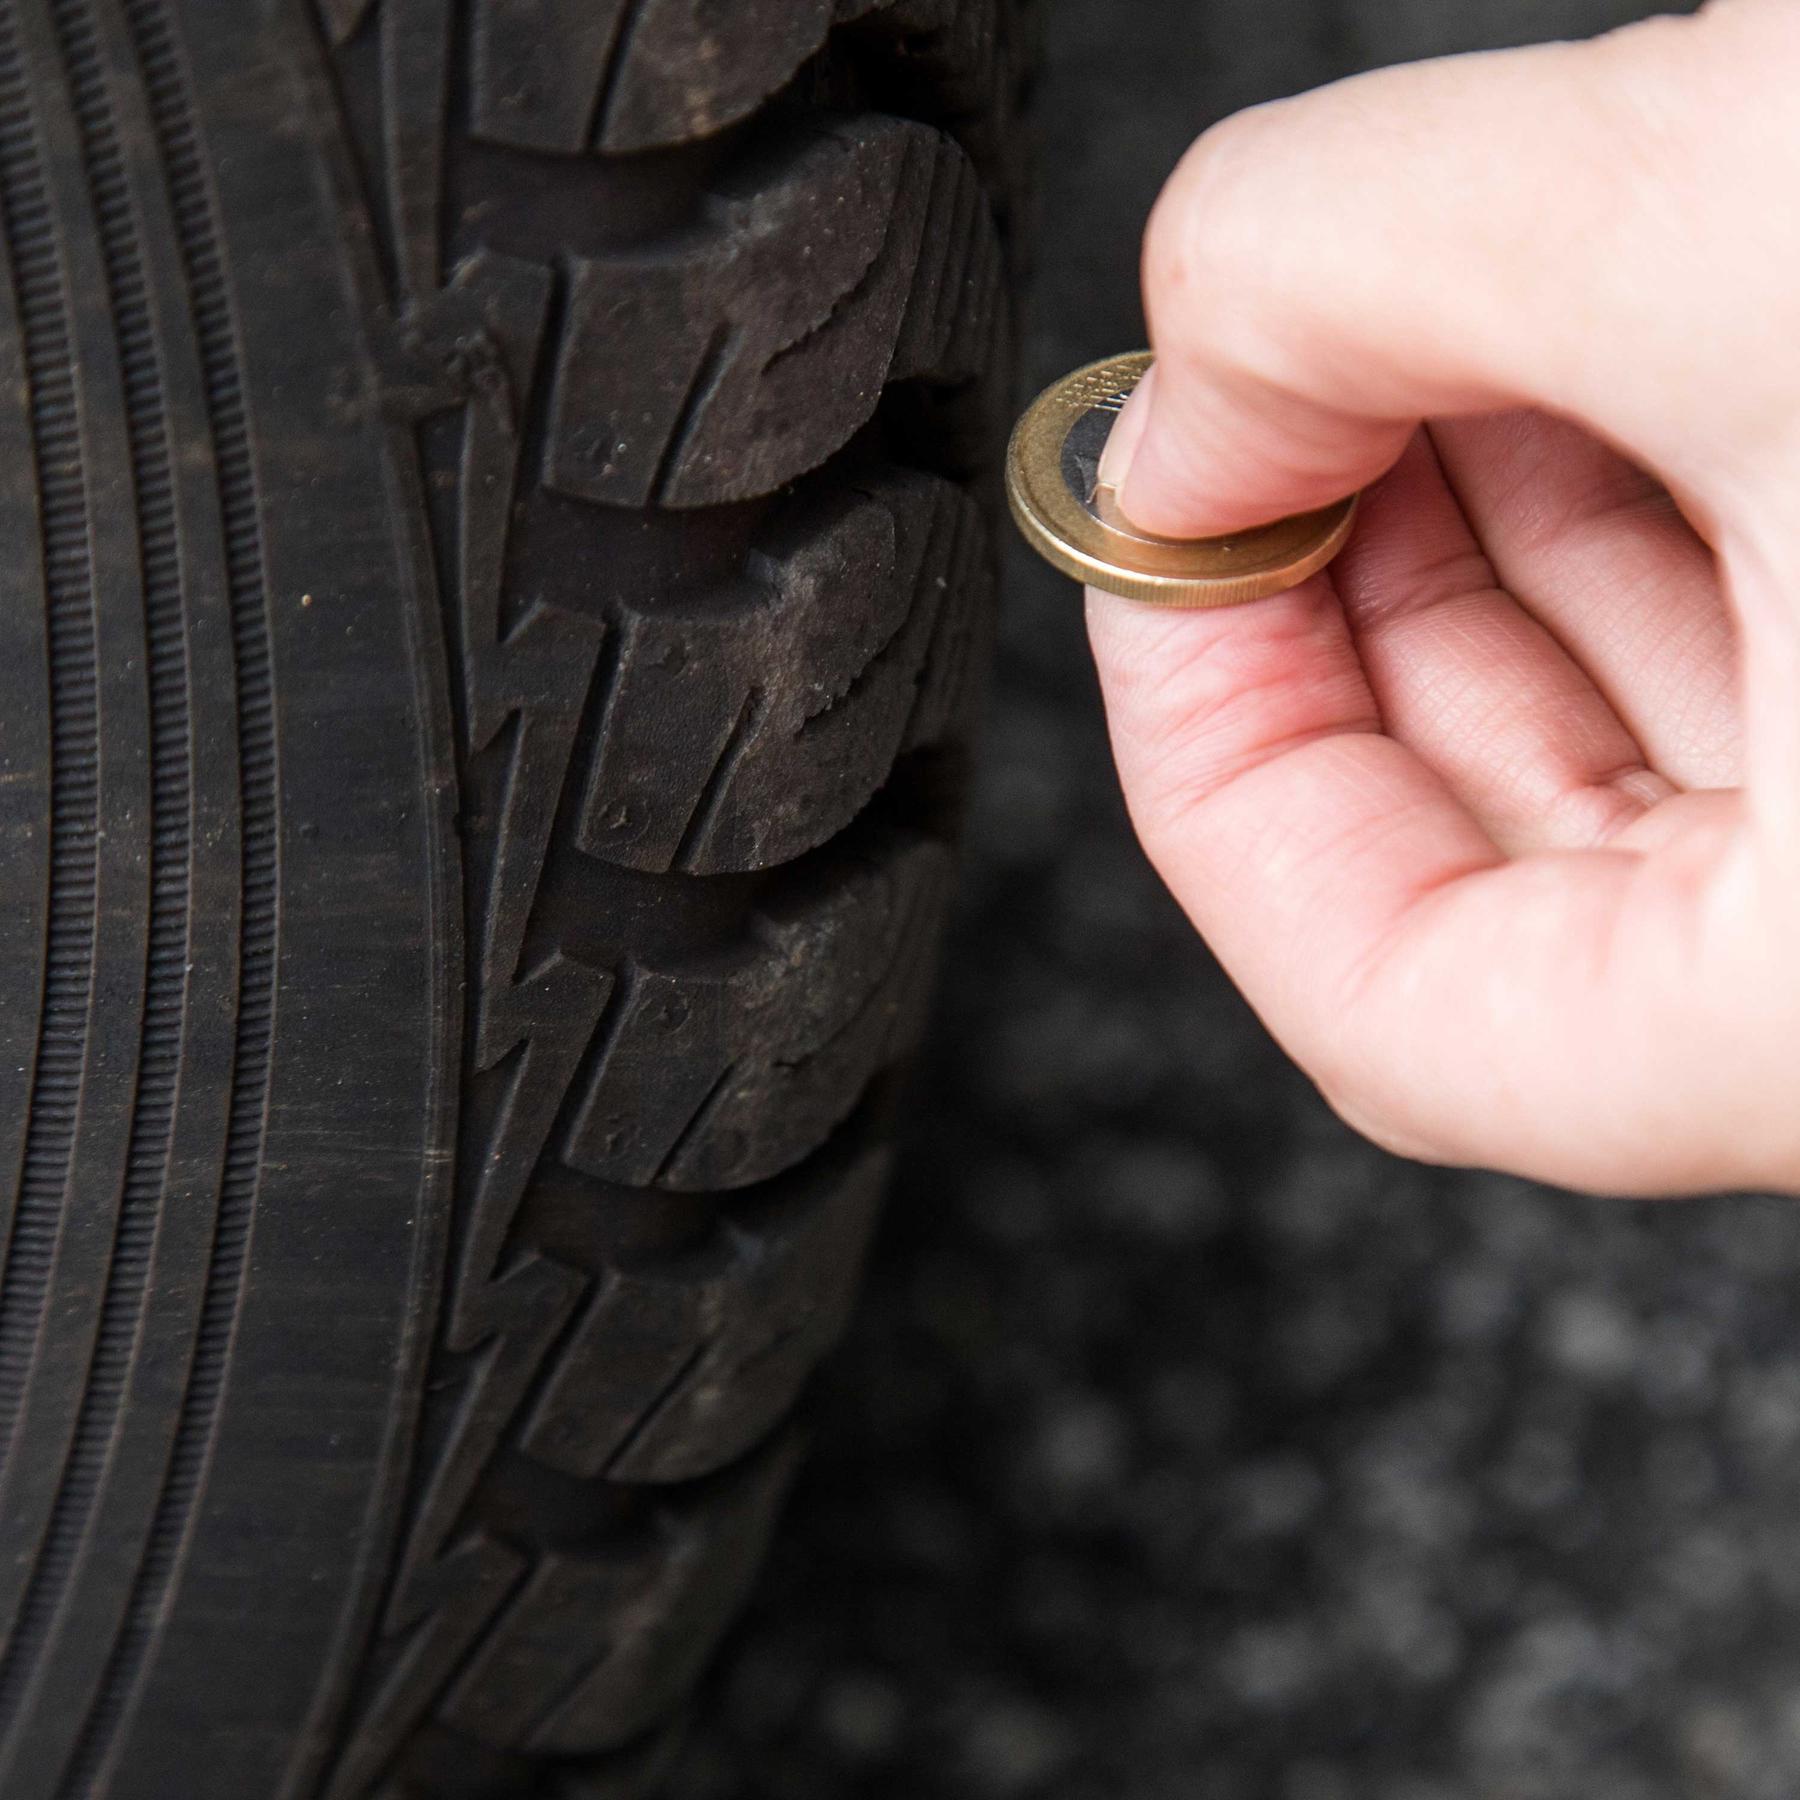 Reifenabrieb - Größter Plastikverschmutzer in der Umwelt